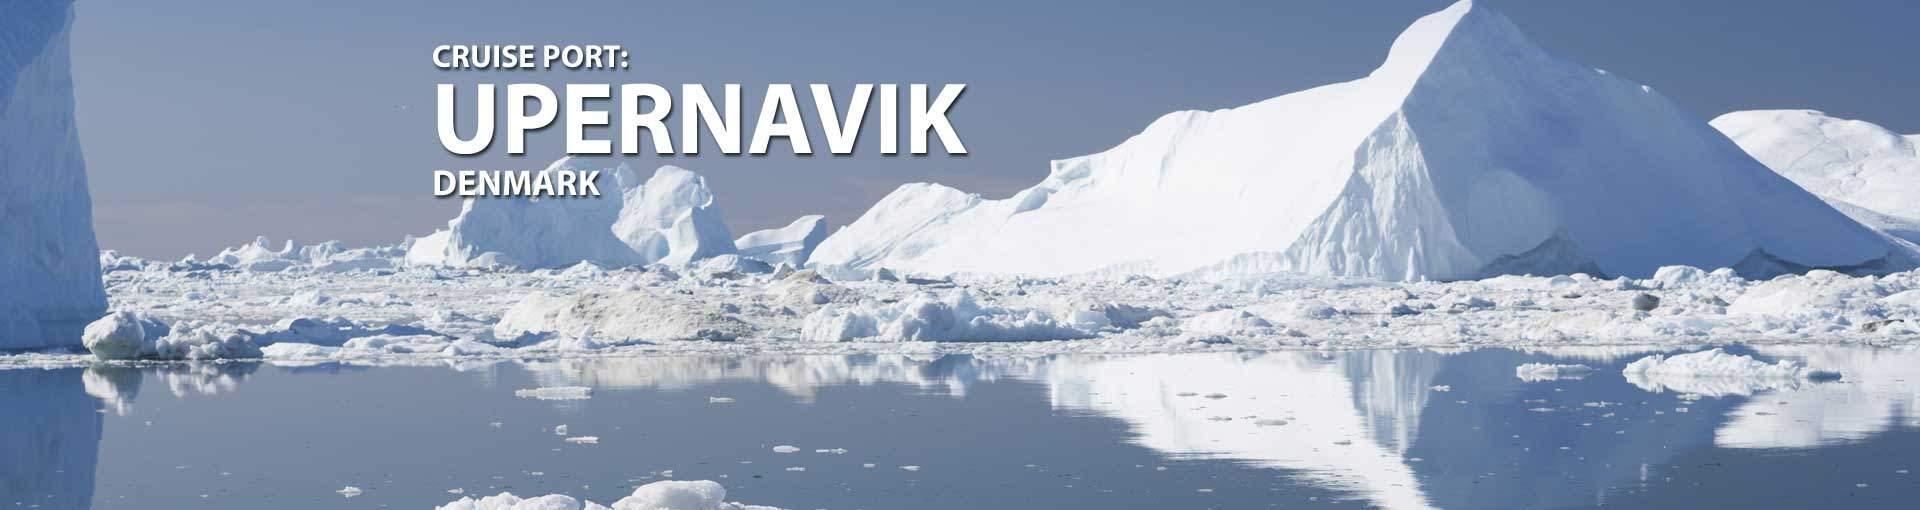 Cruises to Upernavik, Denmark